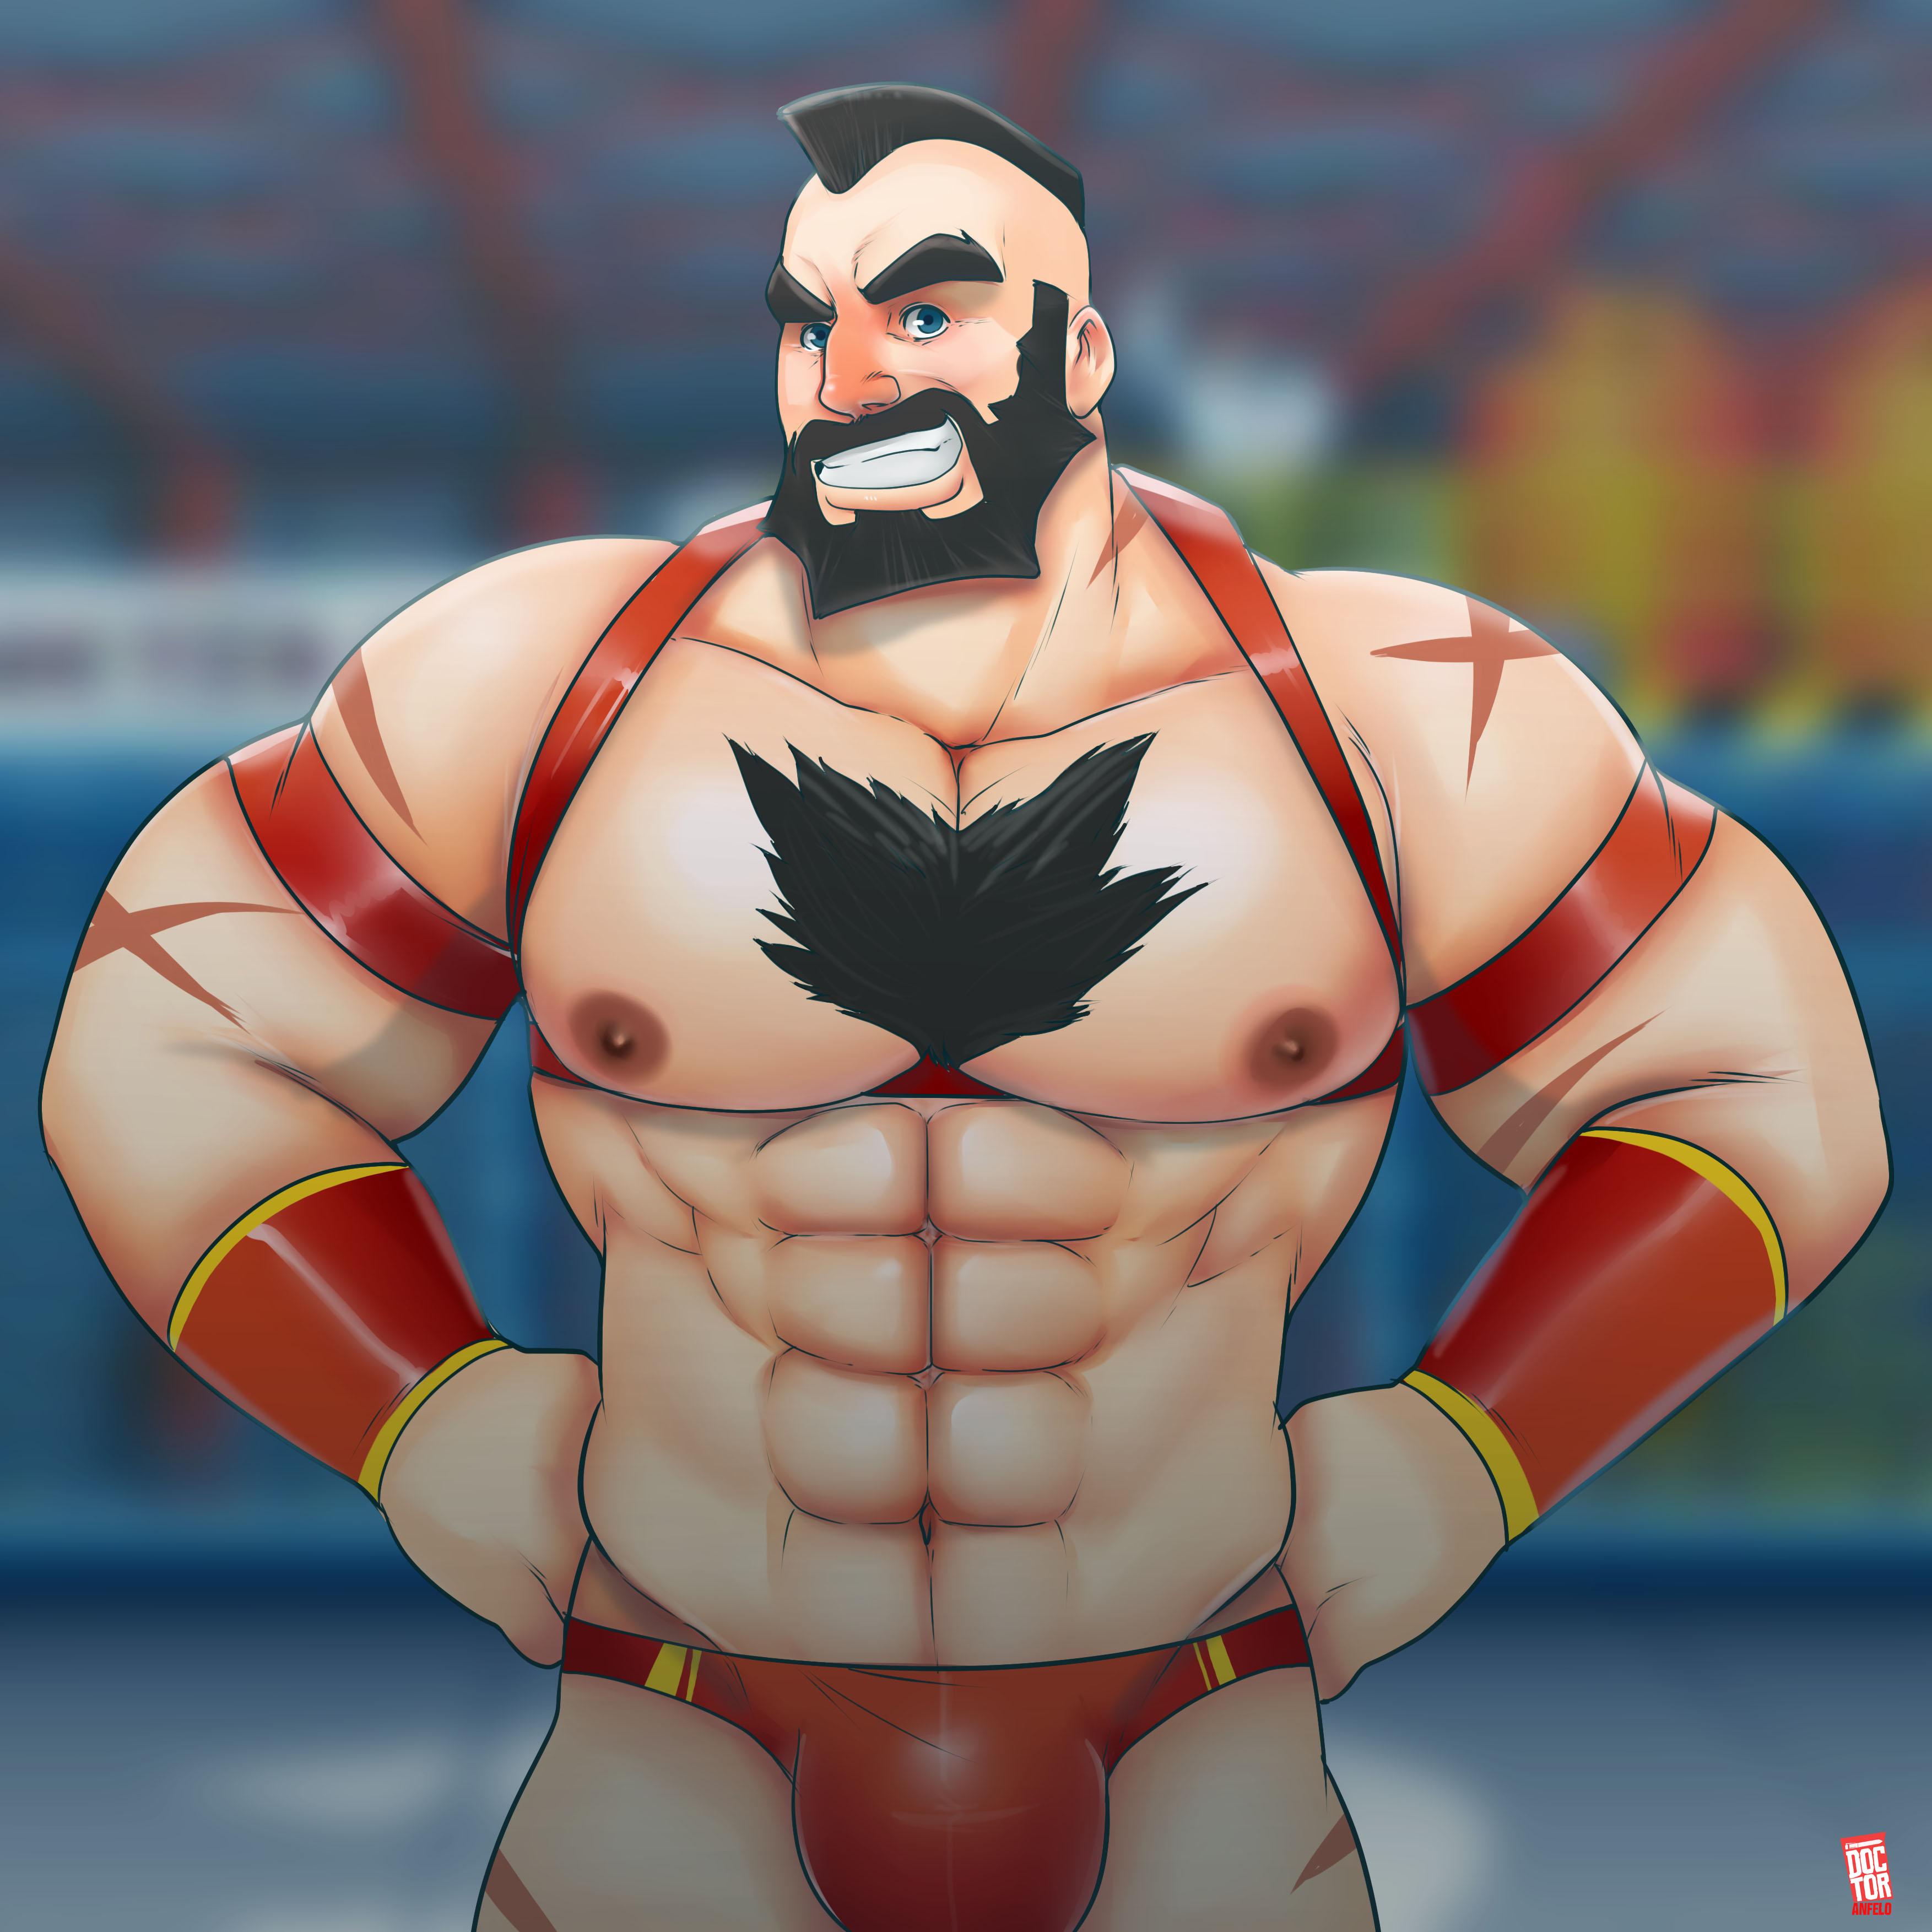 Zangief Street Fighter By Doctoranfelo On Newgrounds